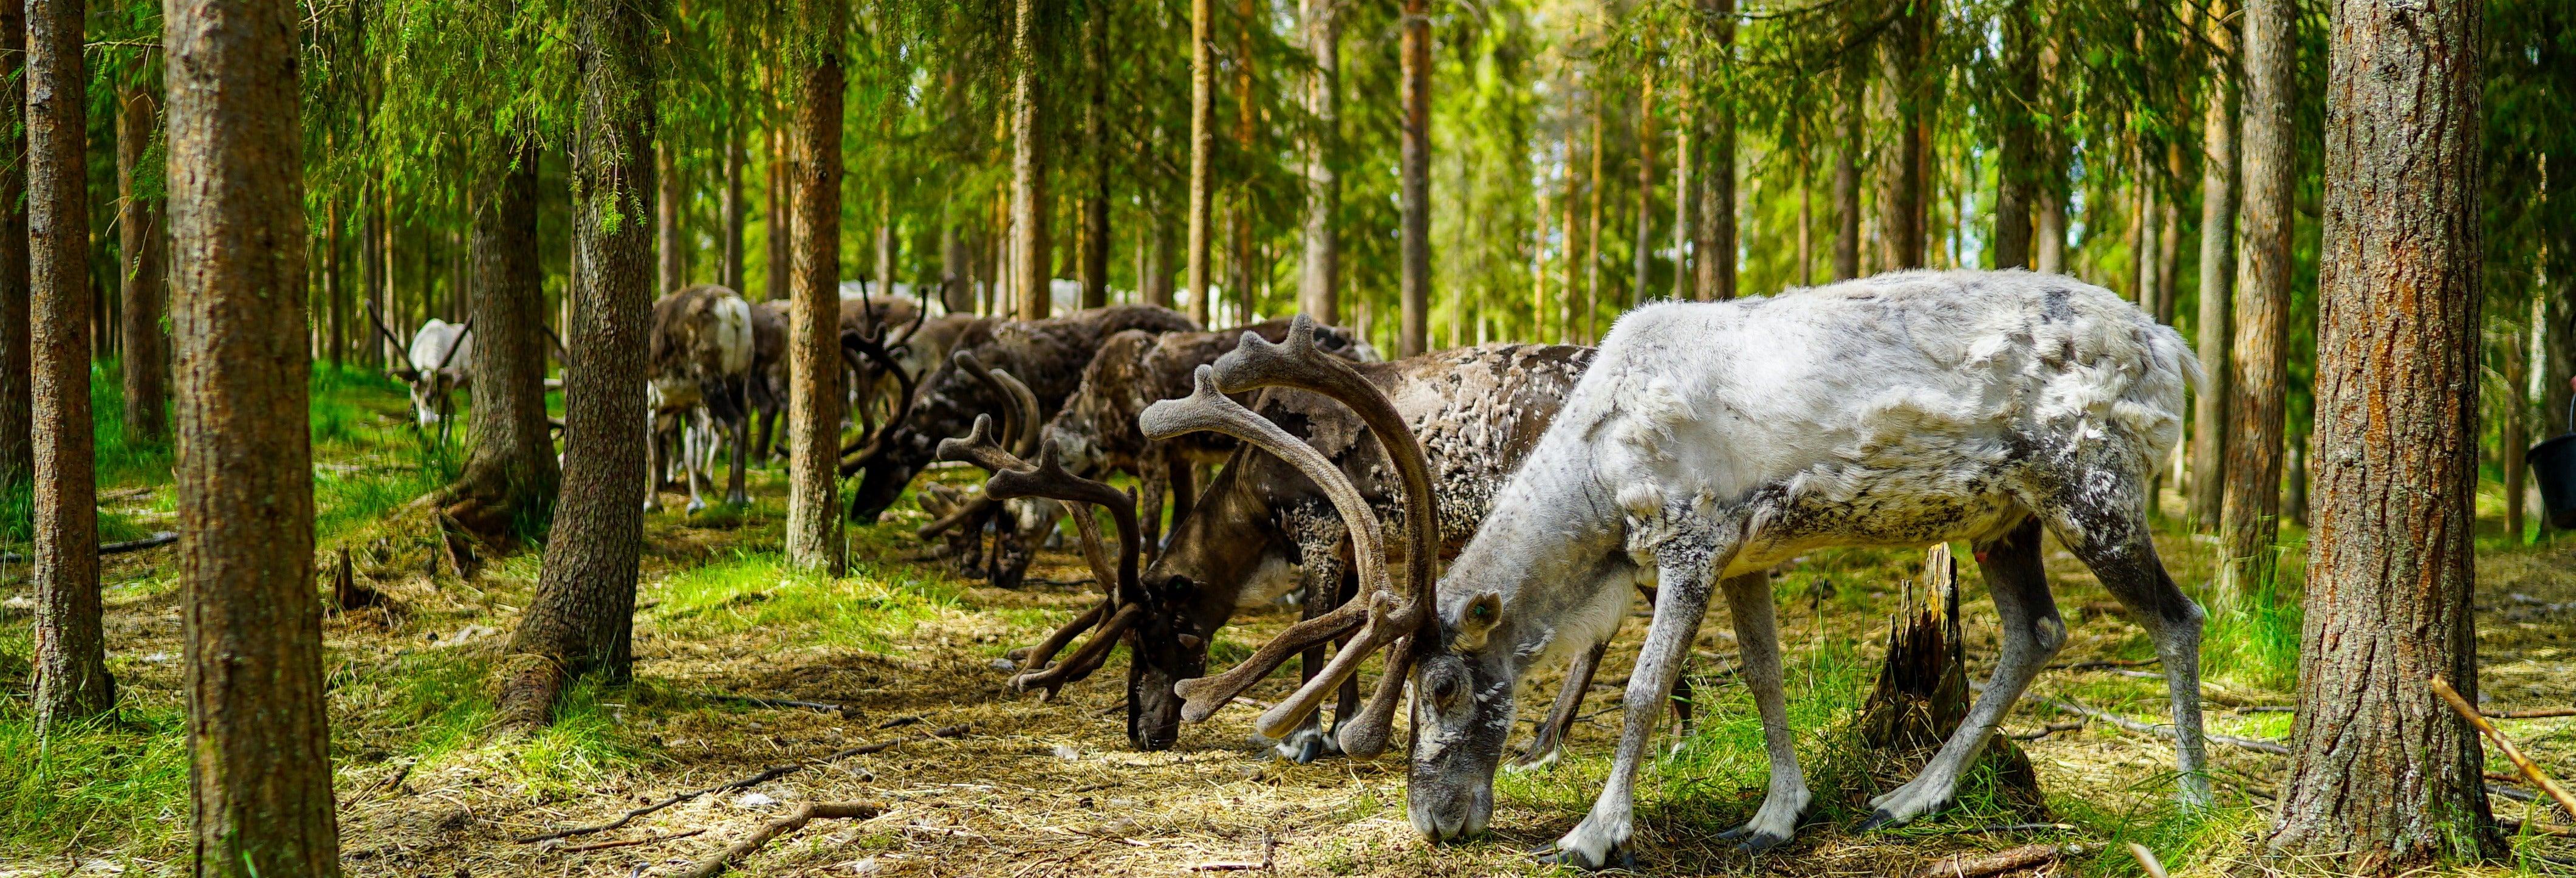 Visita a una granja de renos y paseo en trineo